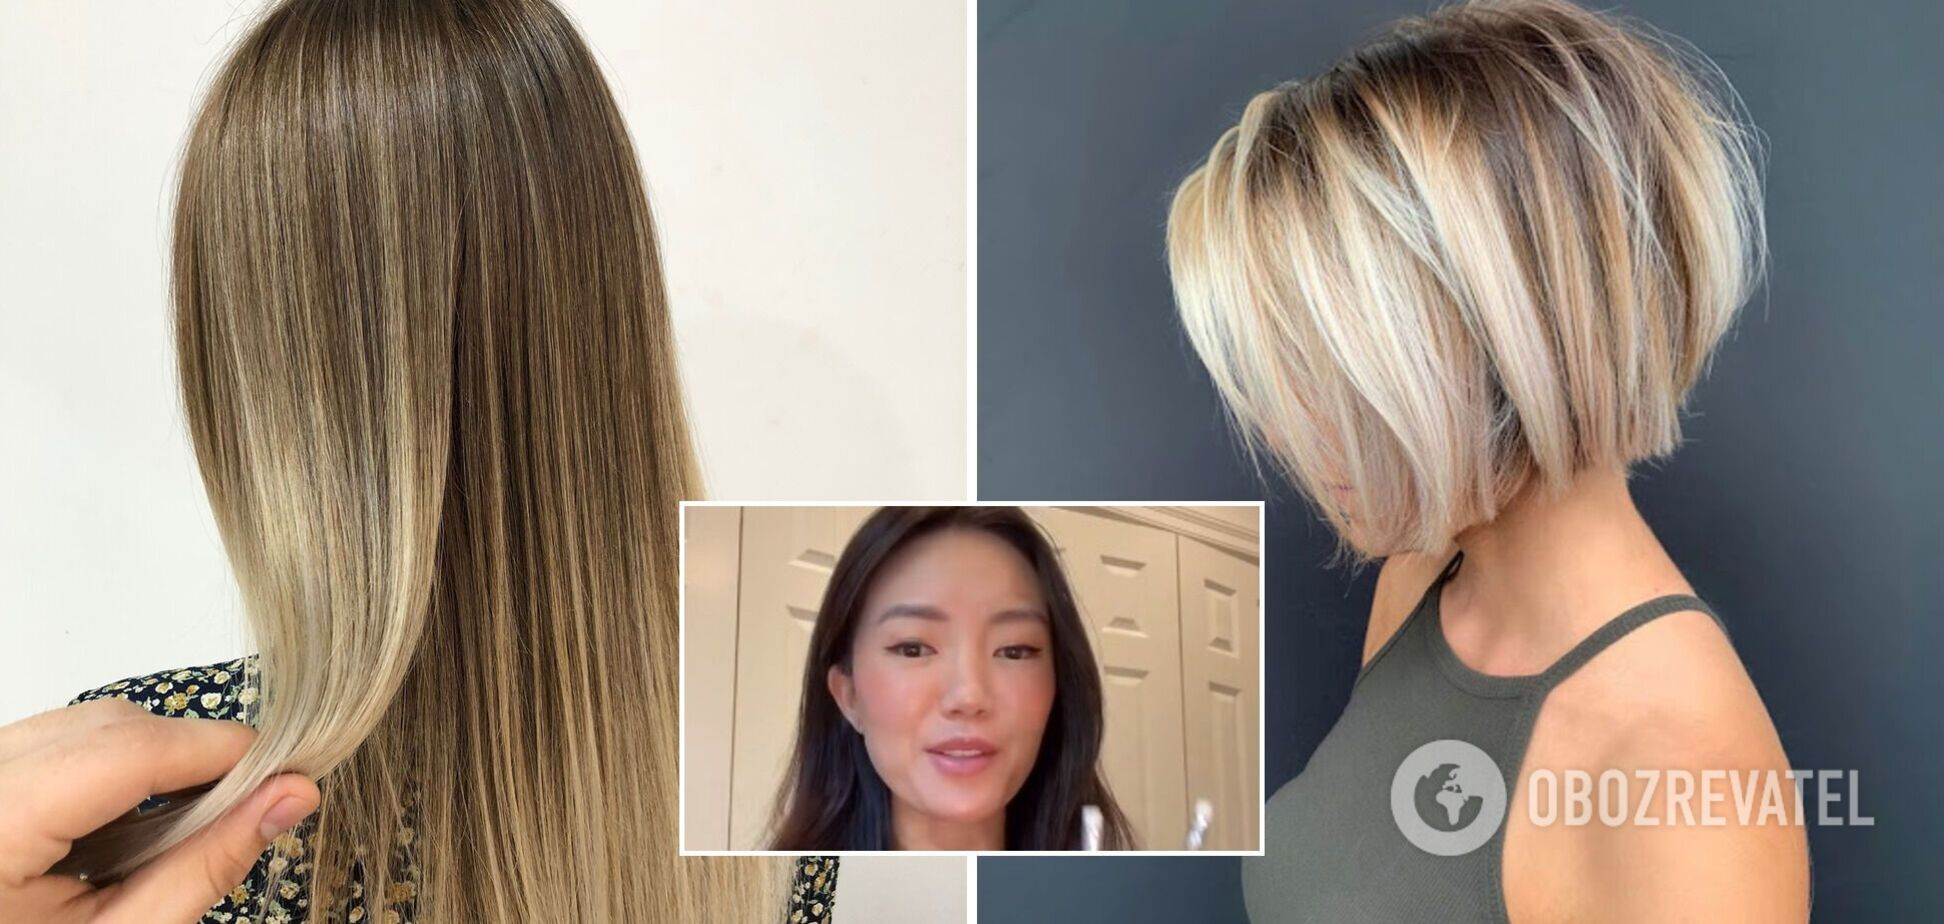 Определиться с удачной длиной волос могут помочь два карандаша и линейка